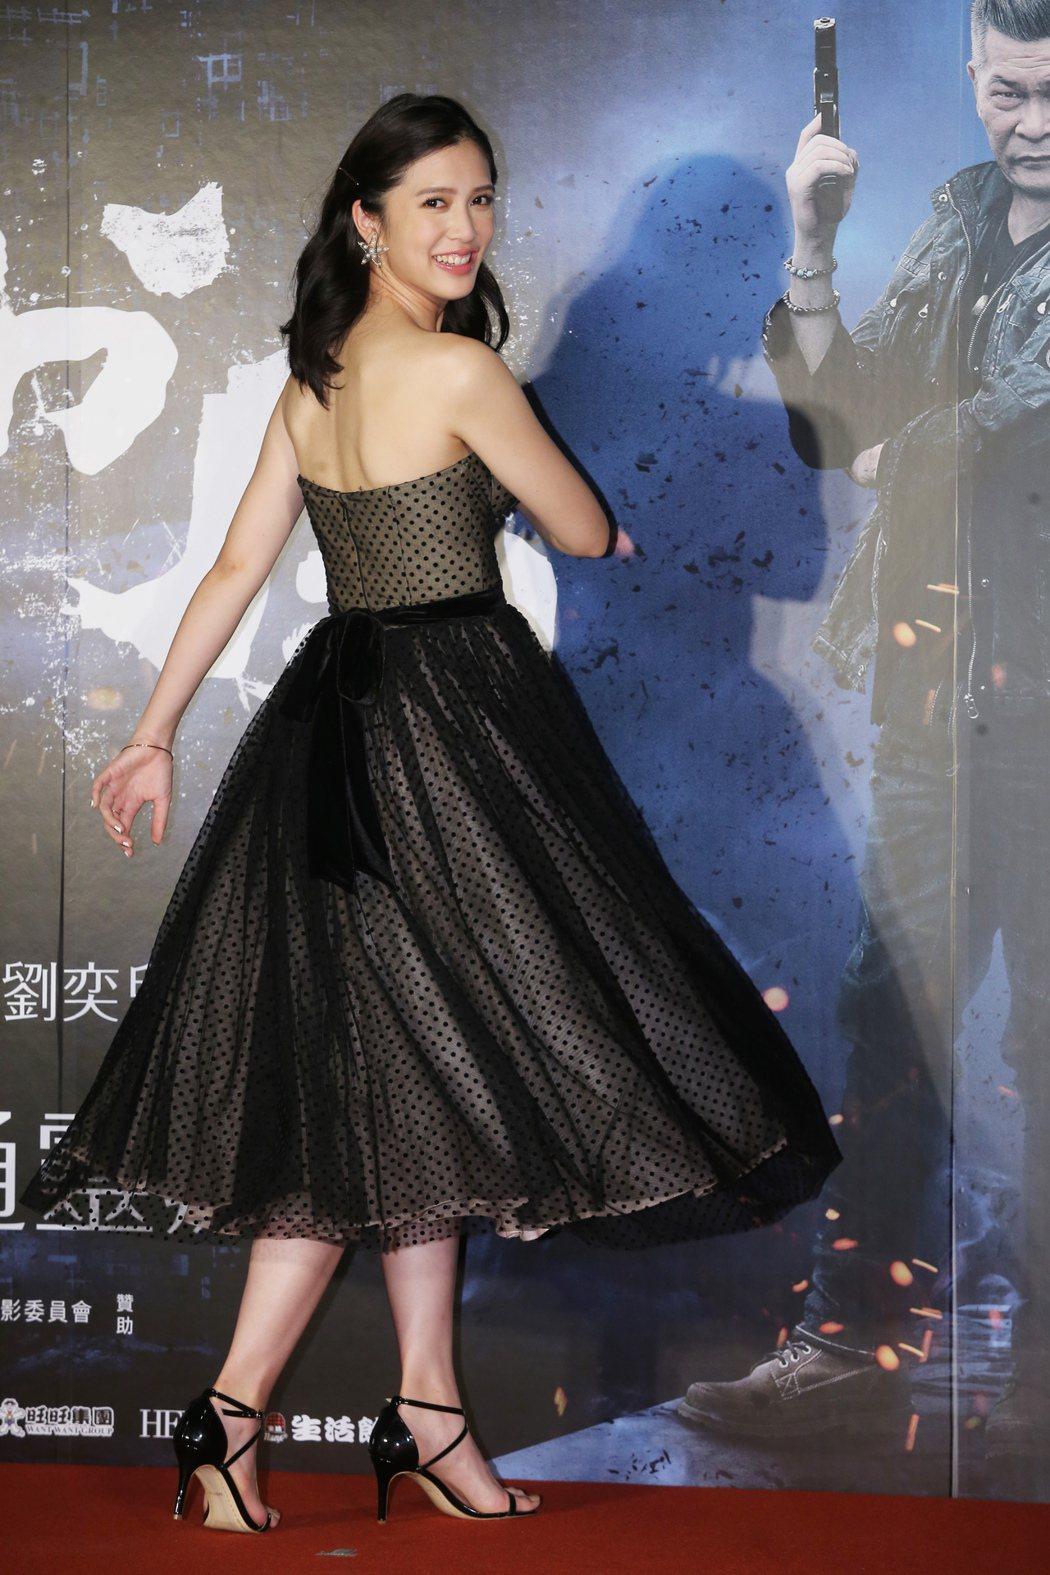 劉奕兒出席「第九分局」首映會。記者徐兆玄/攝影